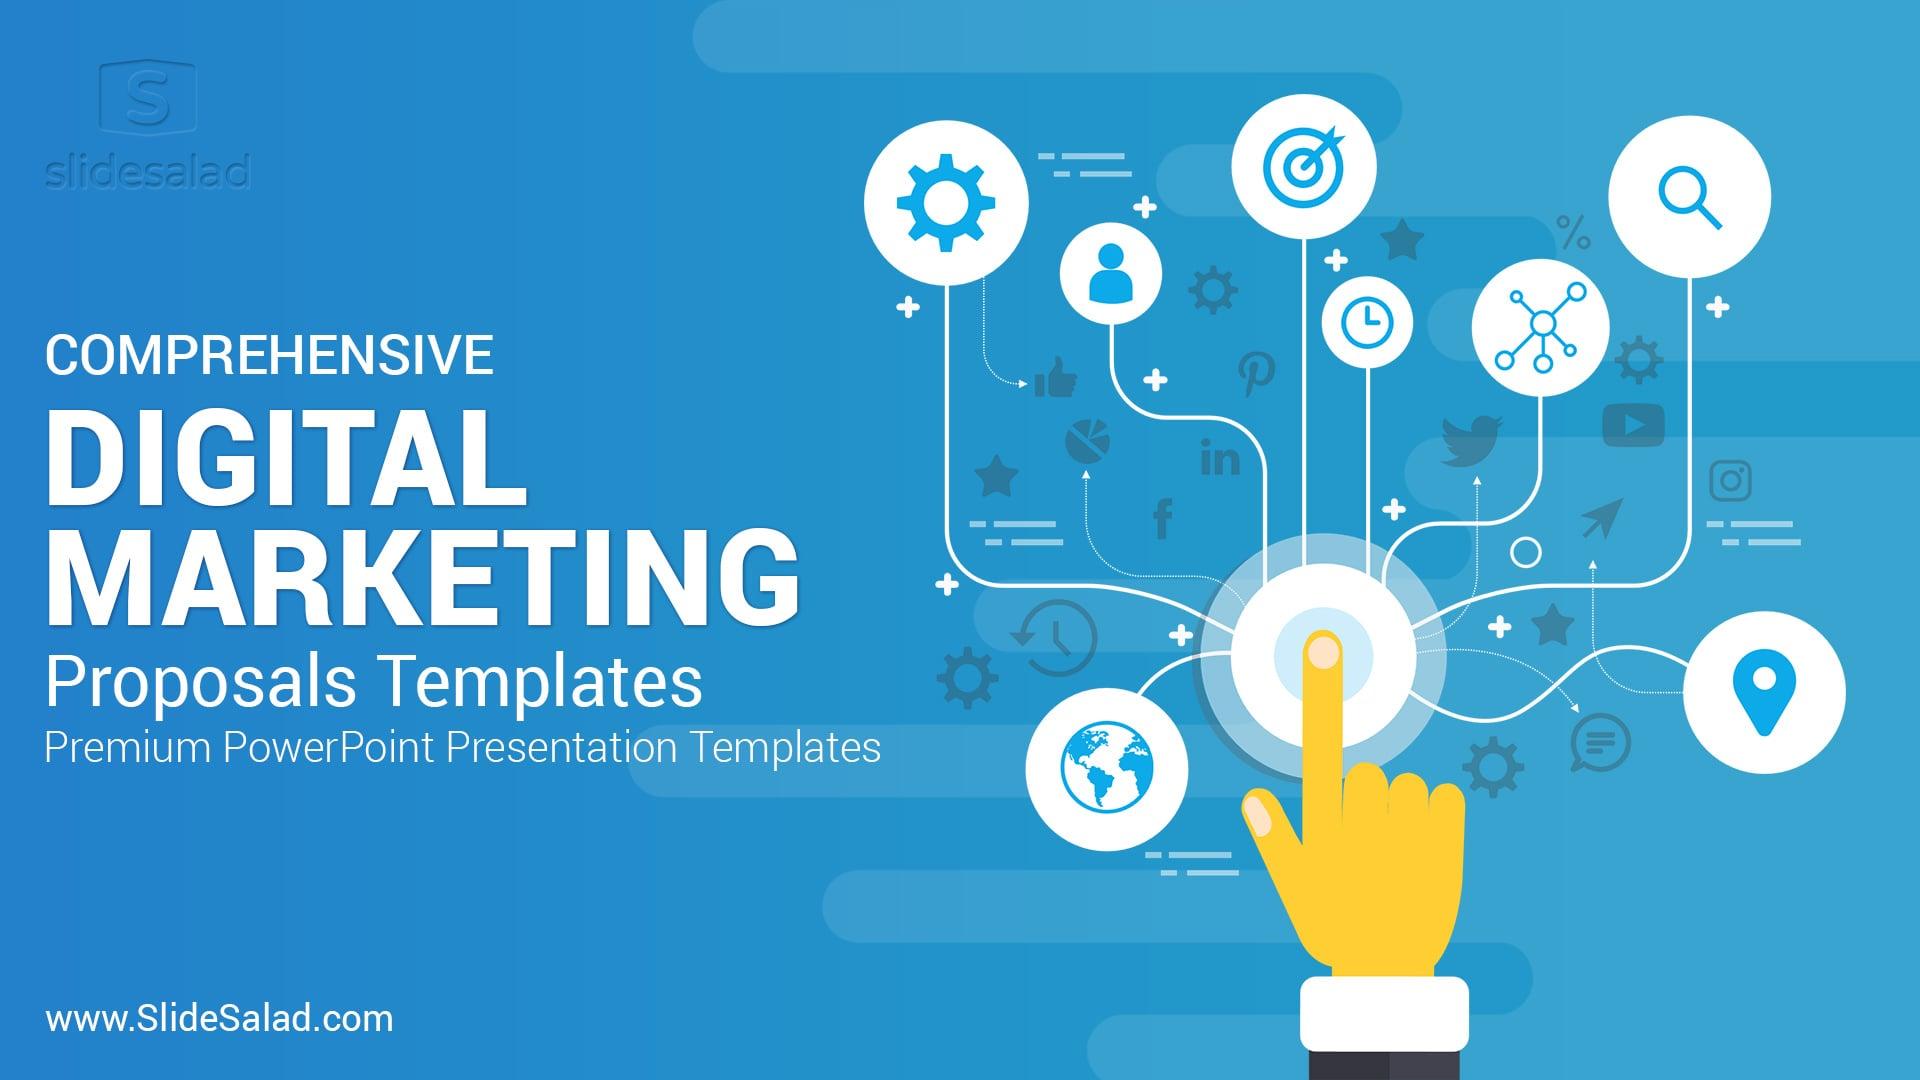 Best Digital Marketing Proposals PowerPoint Templates – Best Online Marketing PowerPoint Templates